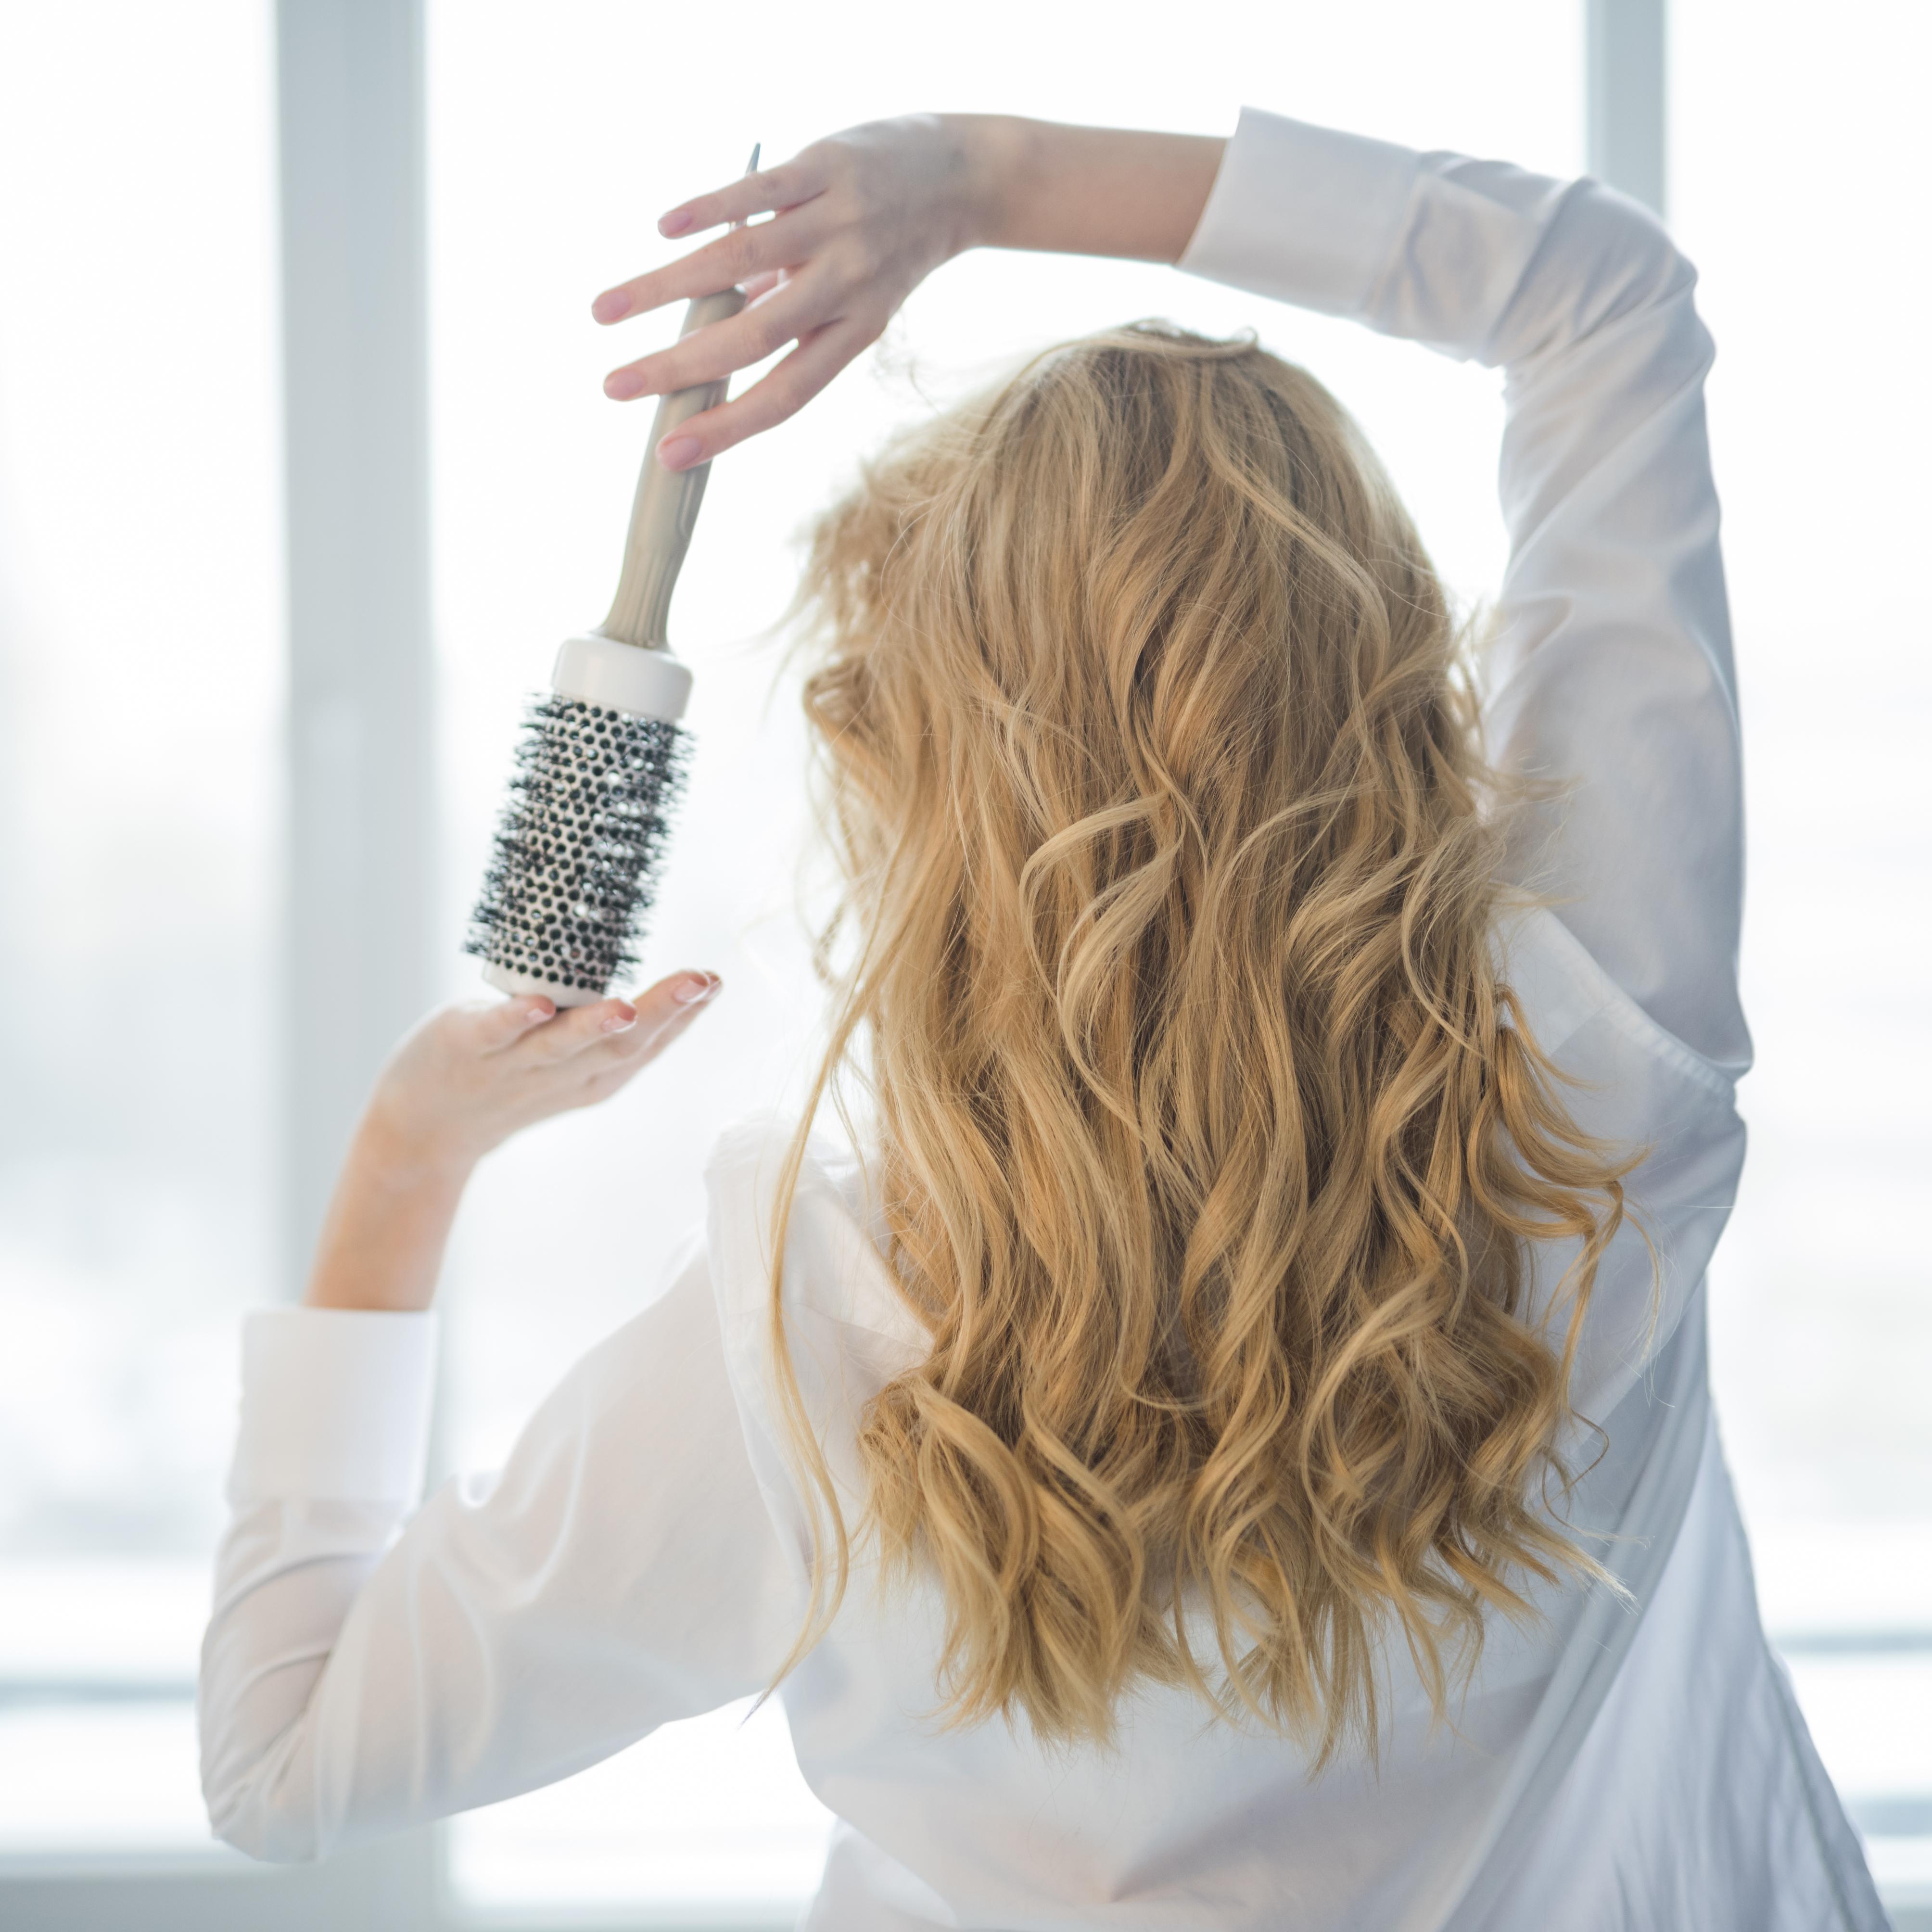 Причины сильного выпадения волос у молодых девушек